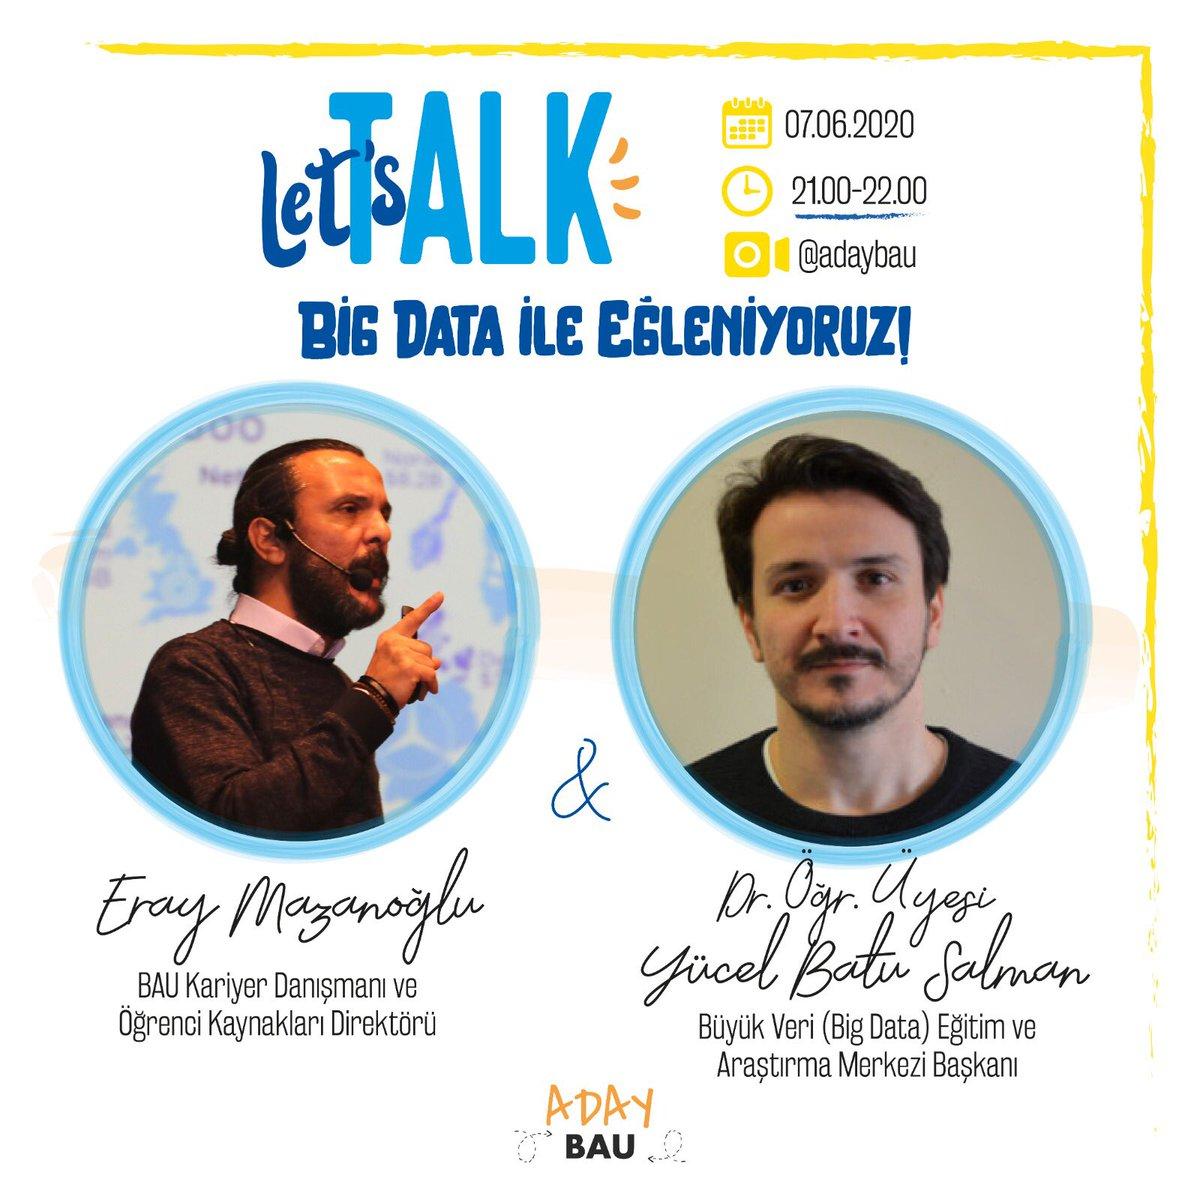 """AdayBAU'lu Let's Talk """"Big Data ile Eğleniyoruz"""" başlıklı instagram canlı yayın 7 Haziran (Yarın) 21.00'de devam ediyor! Yayın Linki: https://t.co/smfBctIPm3 https://t.co/kR5SE9rD89"""